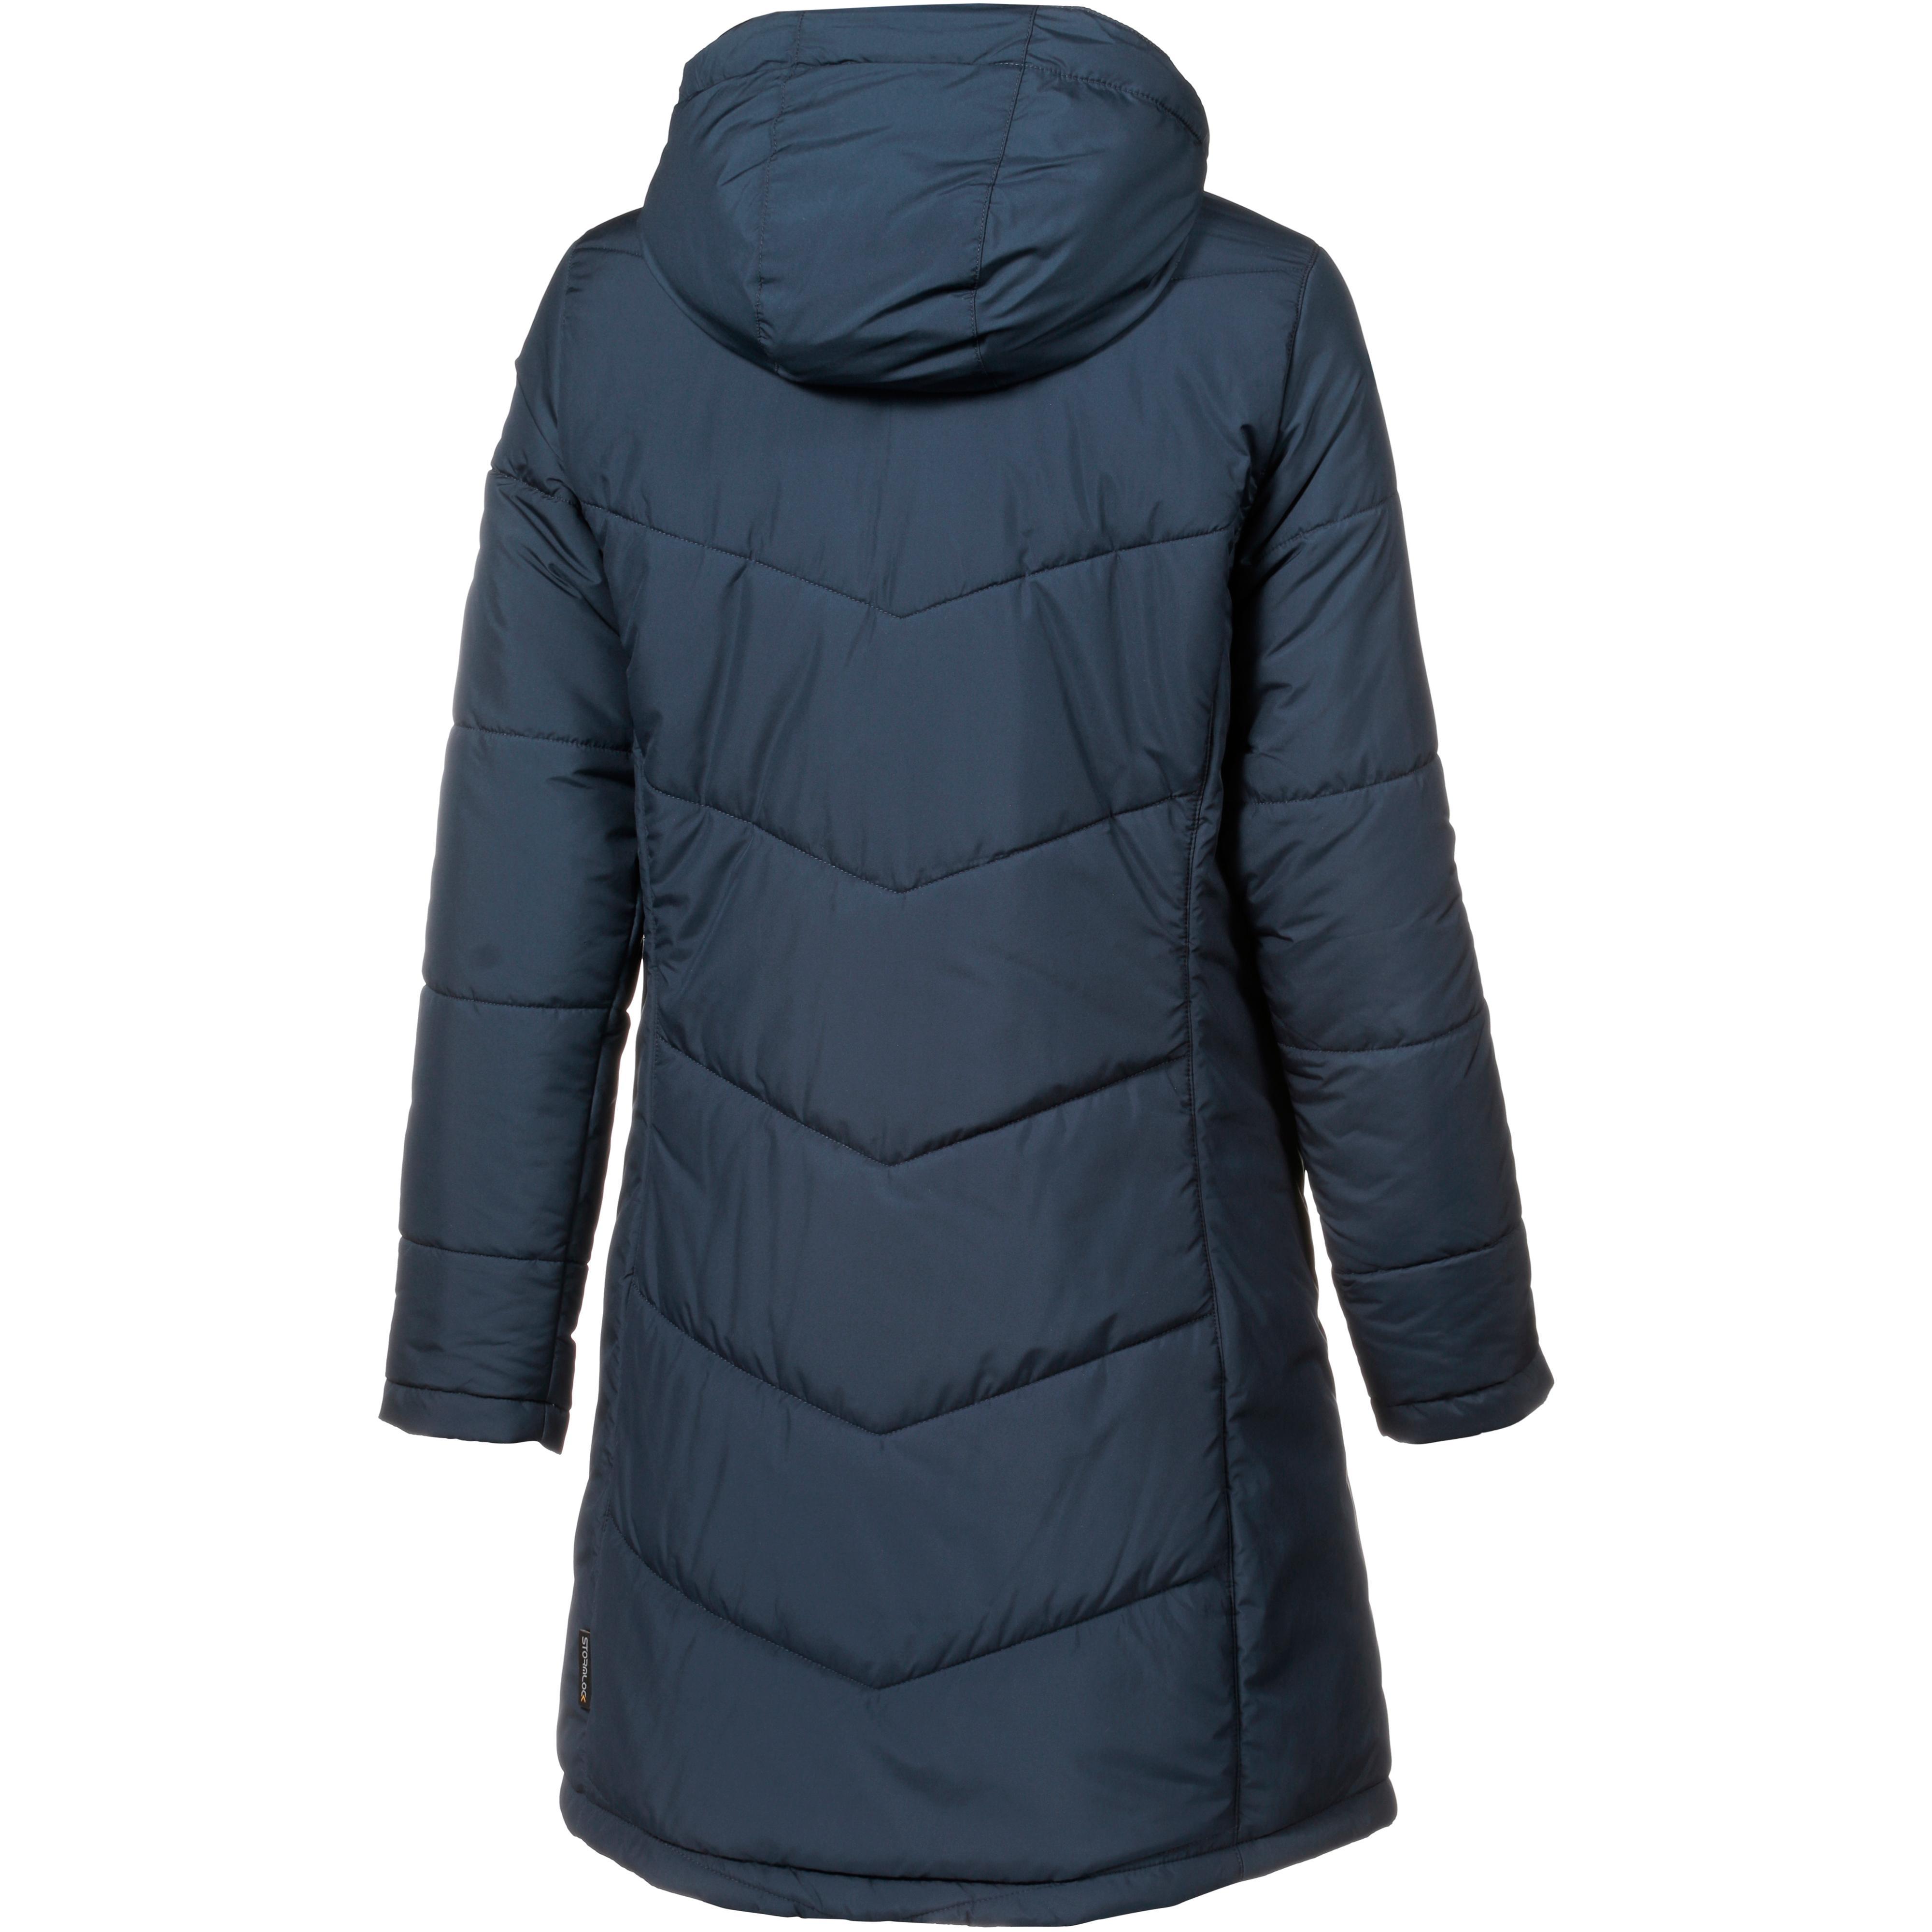 Sportscheck Wolfskin Kapuzenmantel Kaufen Svalbard Midnight Jack Damen Blue Shop Von Online Im dxeroWCB